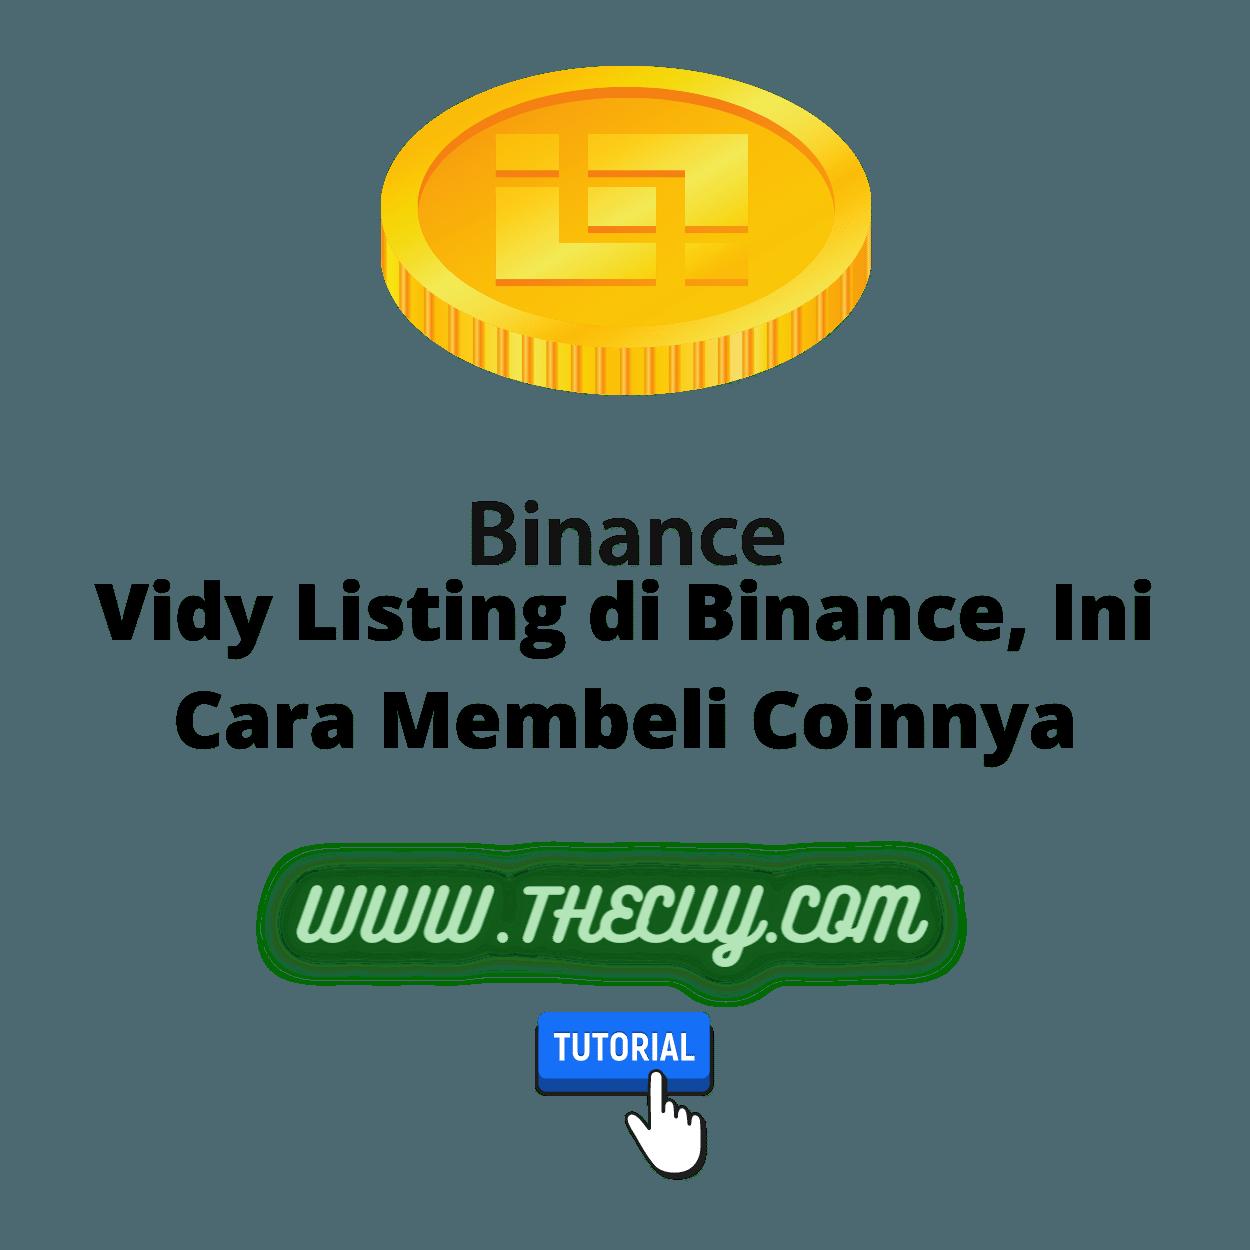 Vidy Listing di Binance, Ini Cara Membeli Coinnya